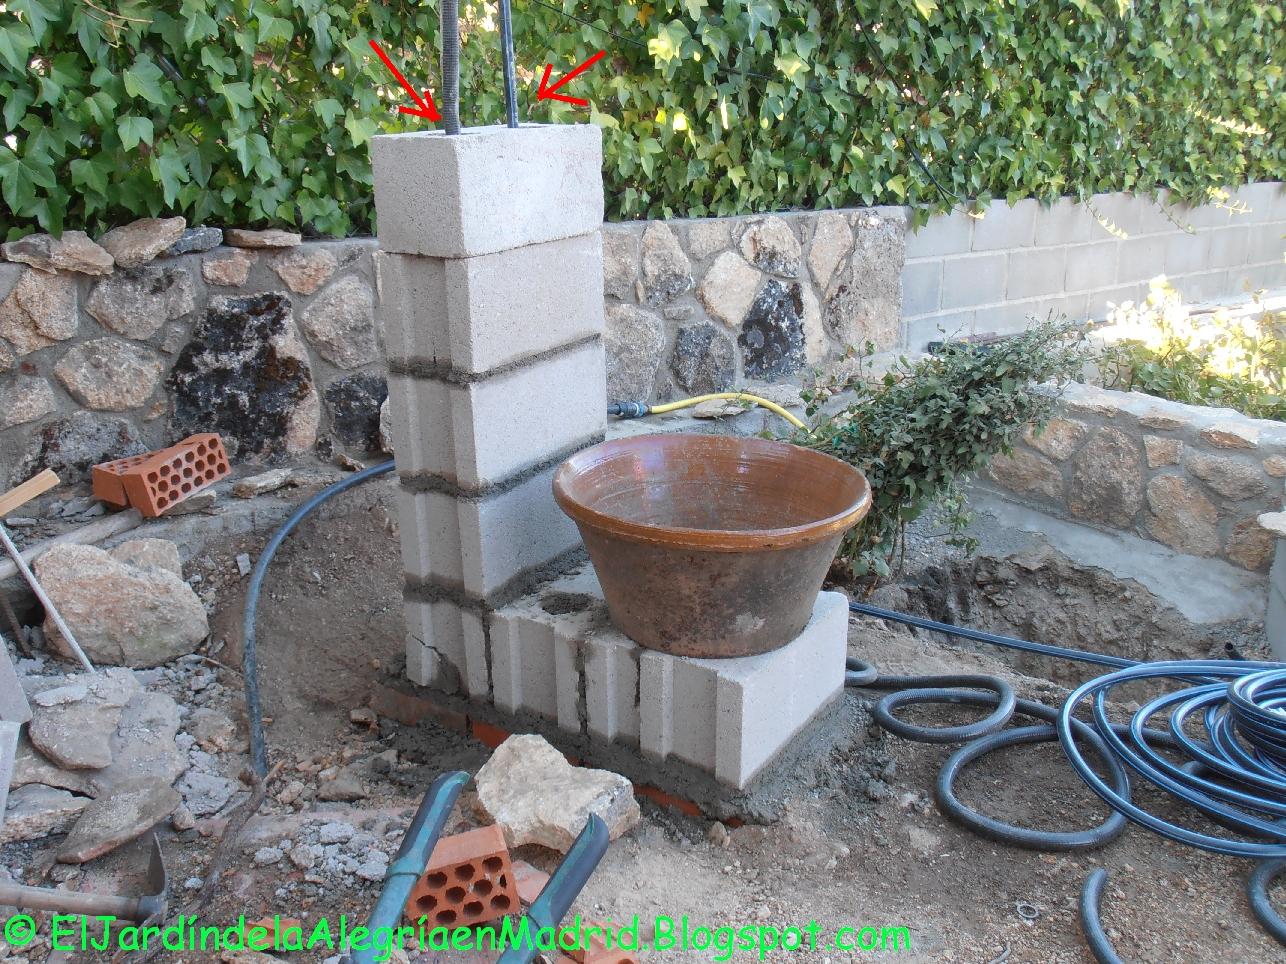 El jard n de la alegr a 09 28 15 - Fuentes de jardin rusticas ...